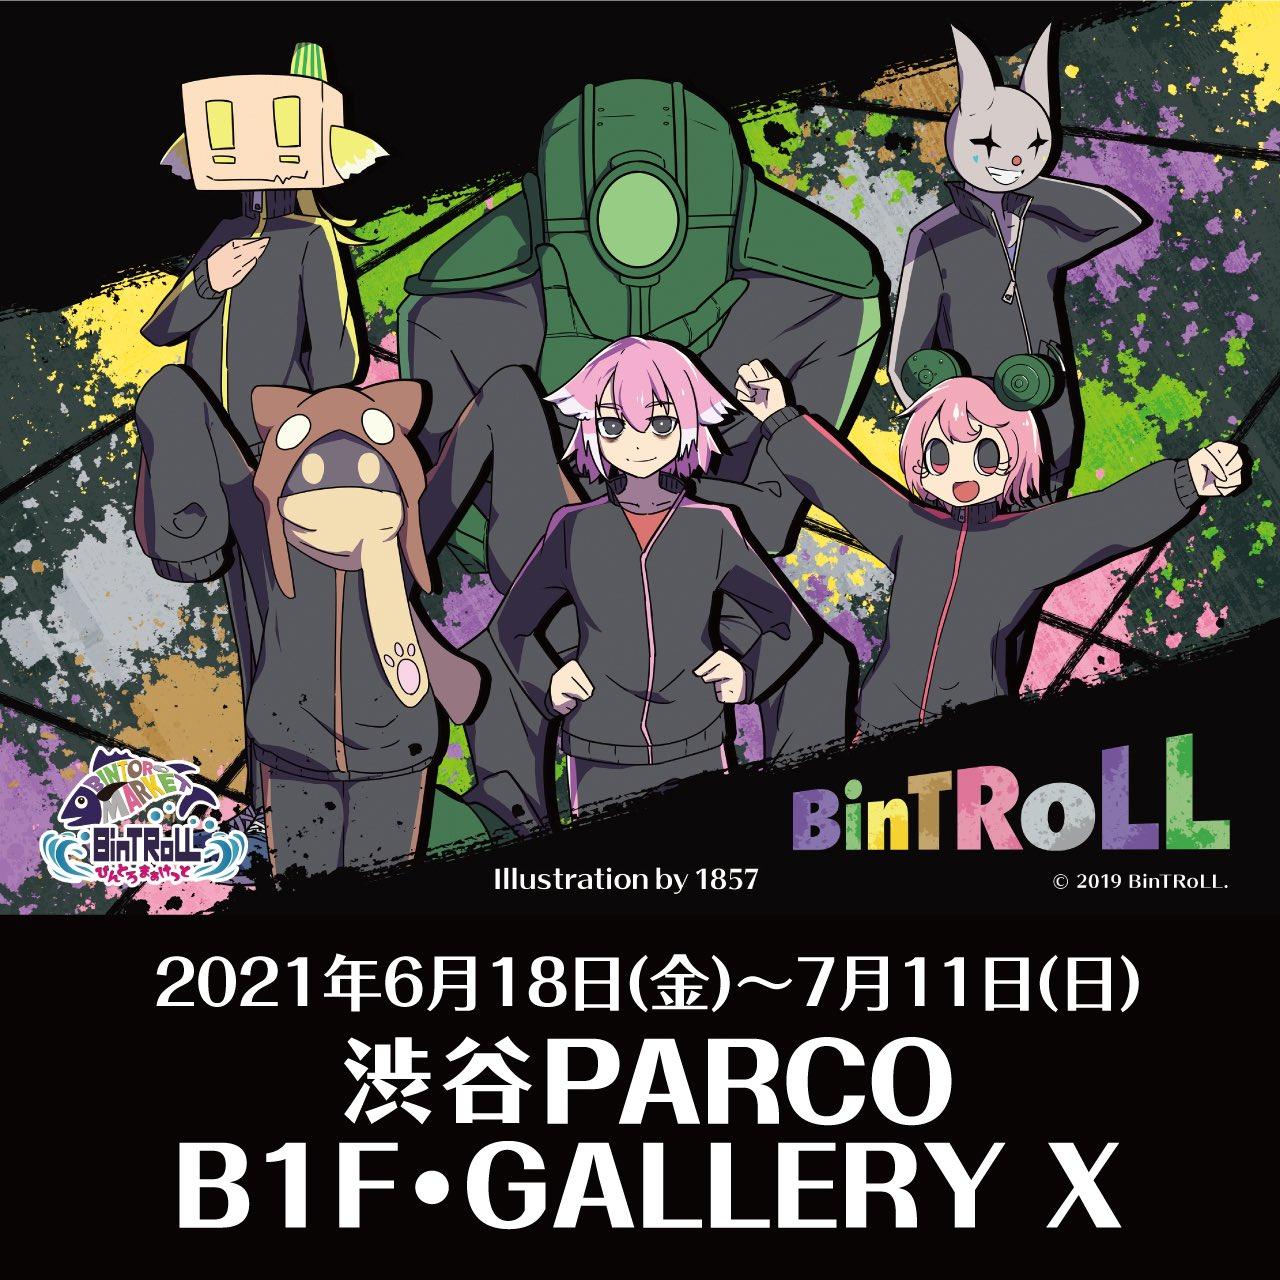 6/25(金)入場予約チケット(先着・無料) BinTRoLL『びんとろまぁけっと』in 渋谷PARCO